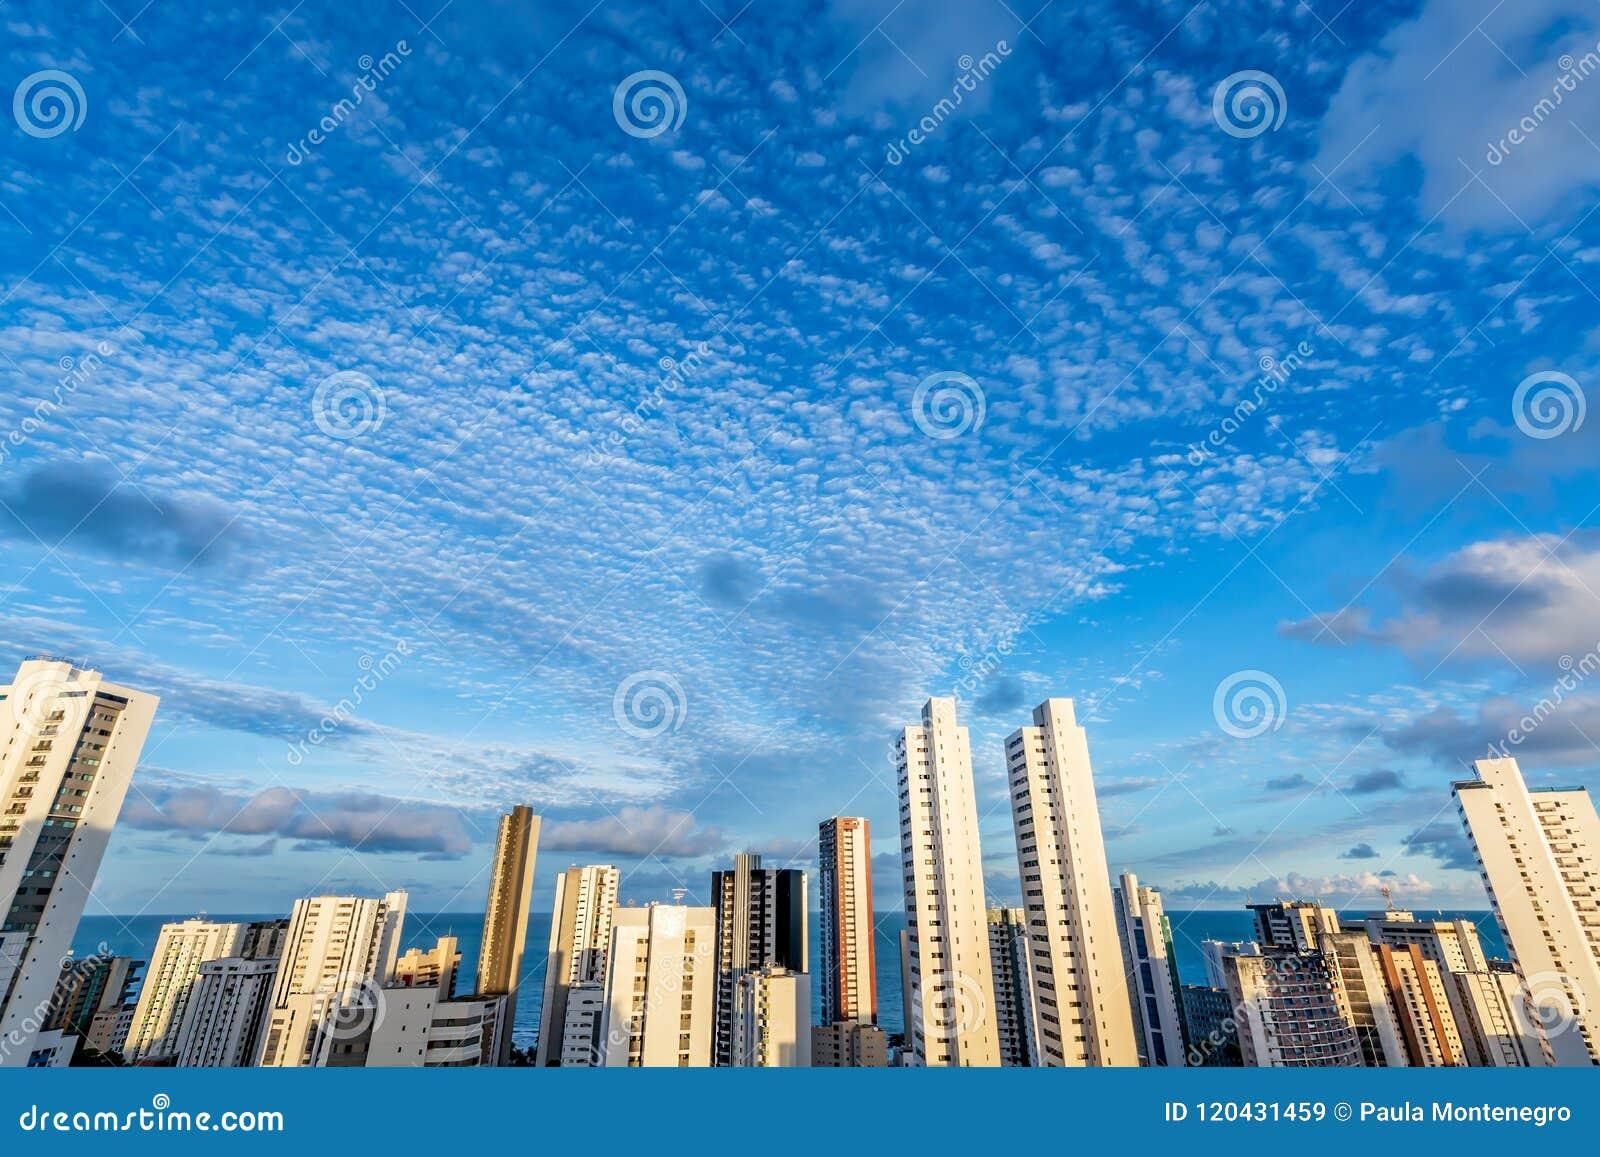 Los edificios del horizonte en un día del cielo azul en la boa Viagem varan, Recife, Pernambuco, el Brasil